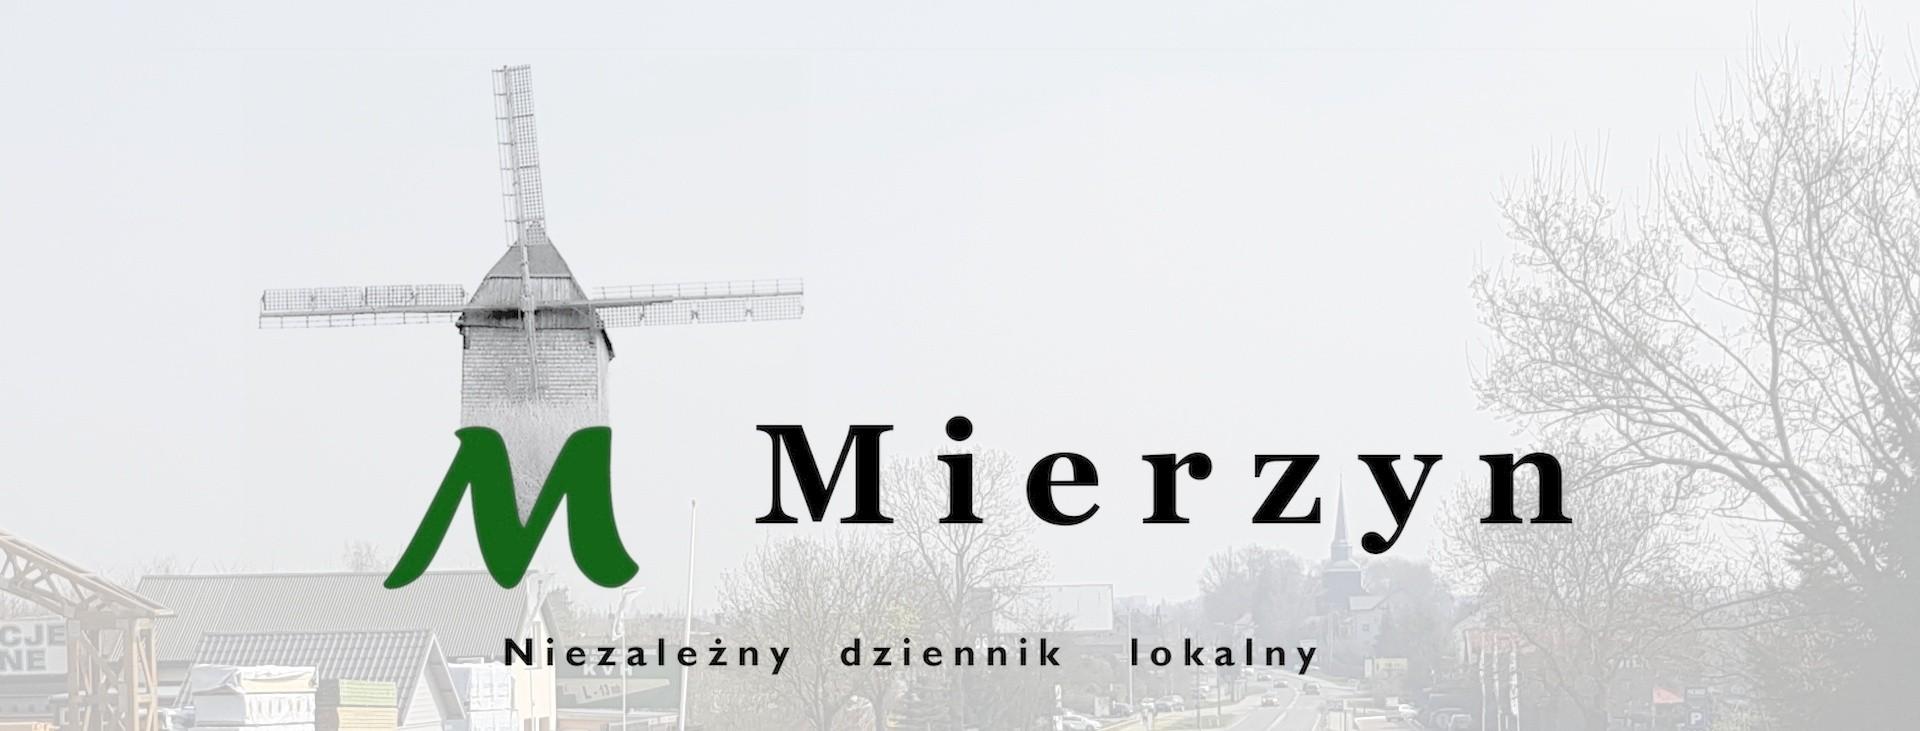 Mierzyn